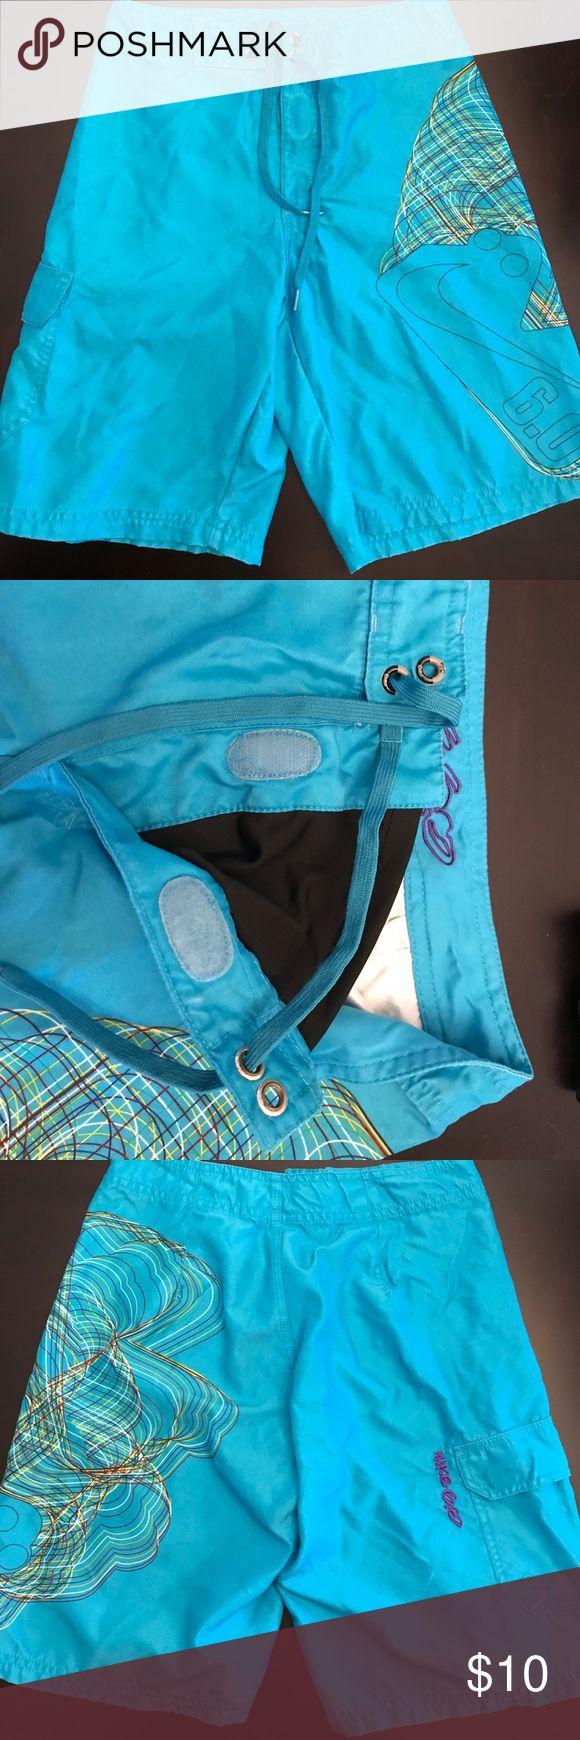 Nike boys swim trunks size 26 (10/12) Excellent condition Nike Swim Swim Trunks